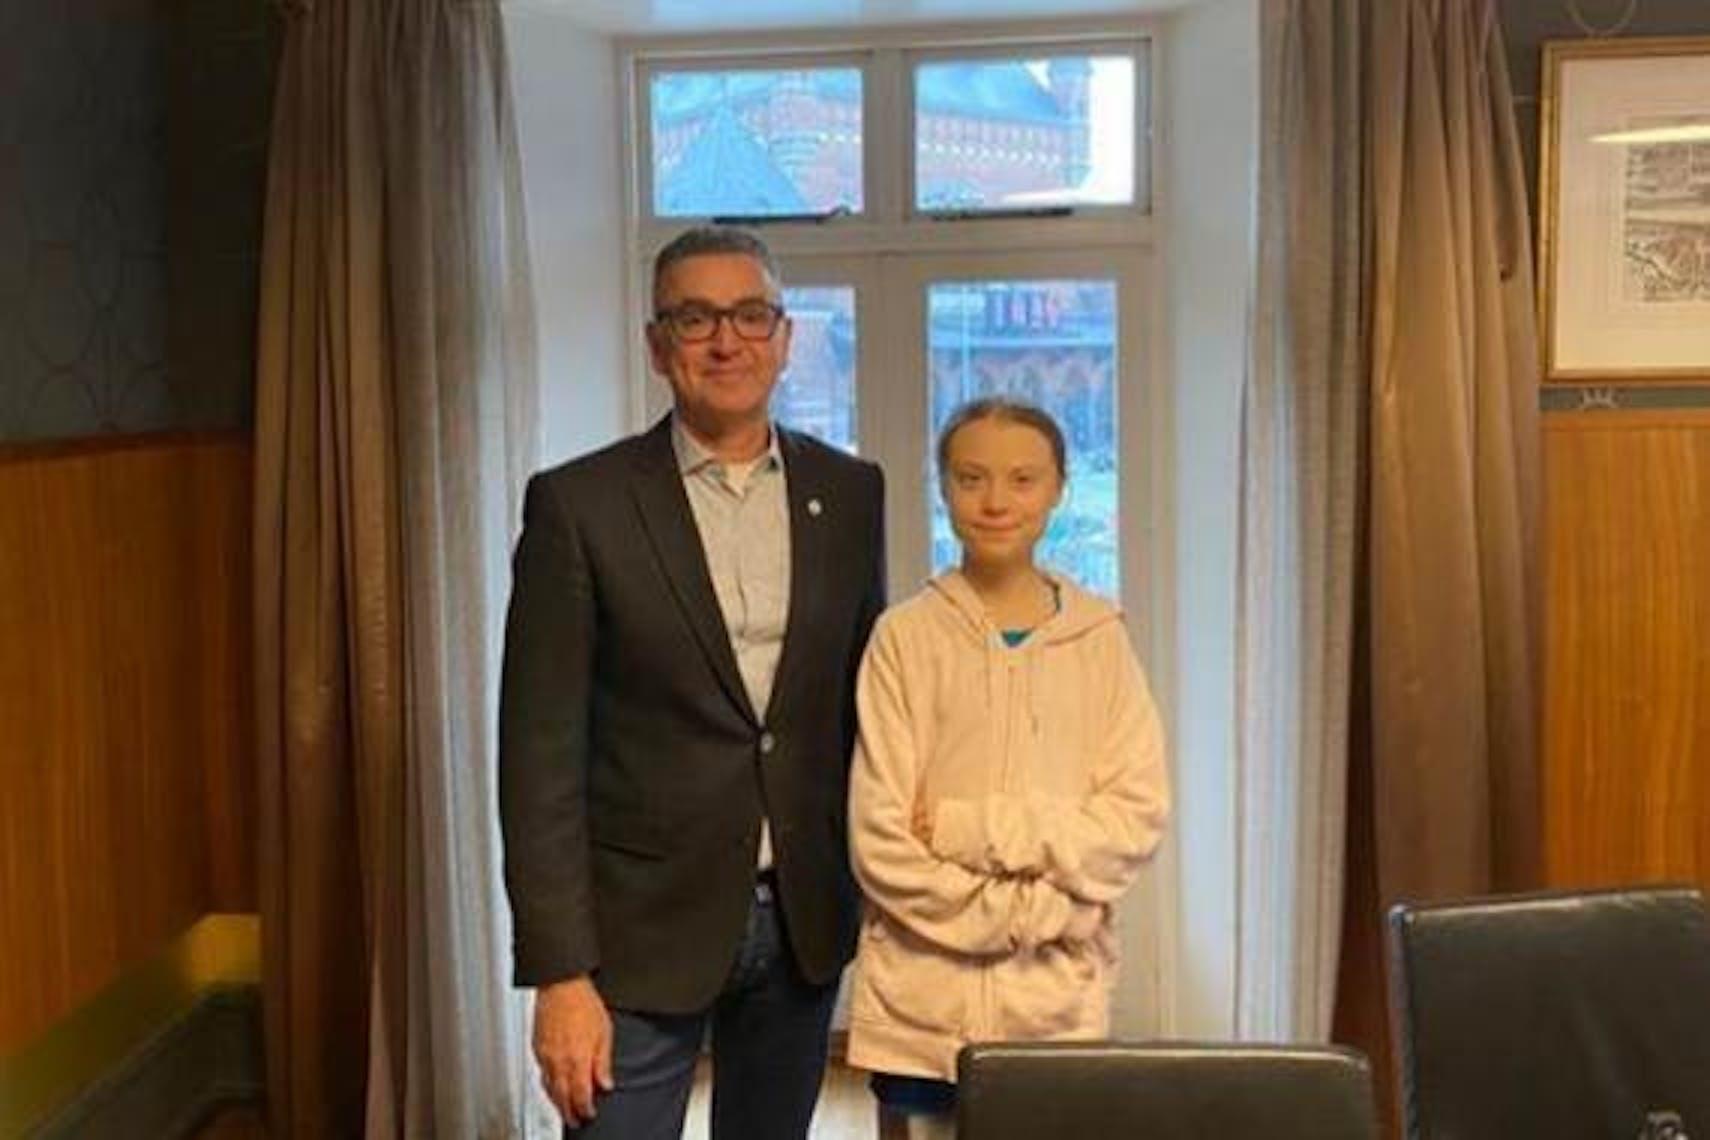 Djaffar Shalchi, fondatore di Human Act e Greta Thunberg insieme per sostenere il lavoro dell'UNICEF nella lotta contro il coronavirus. © Jonas Gregersen/Human Act